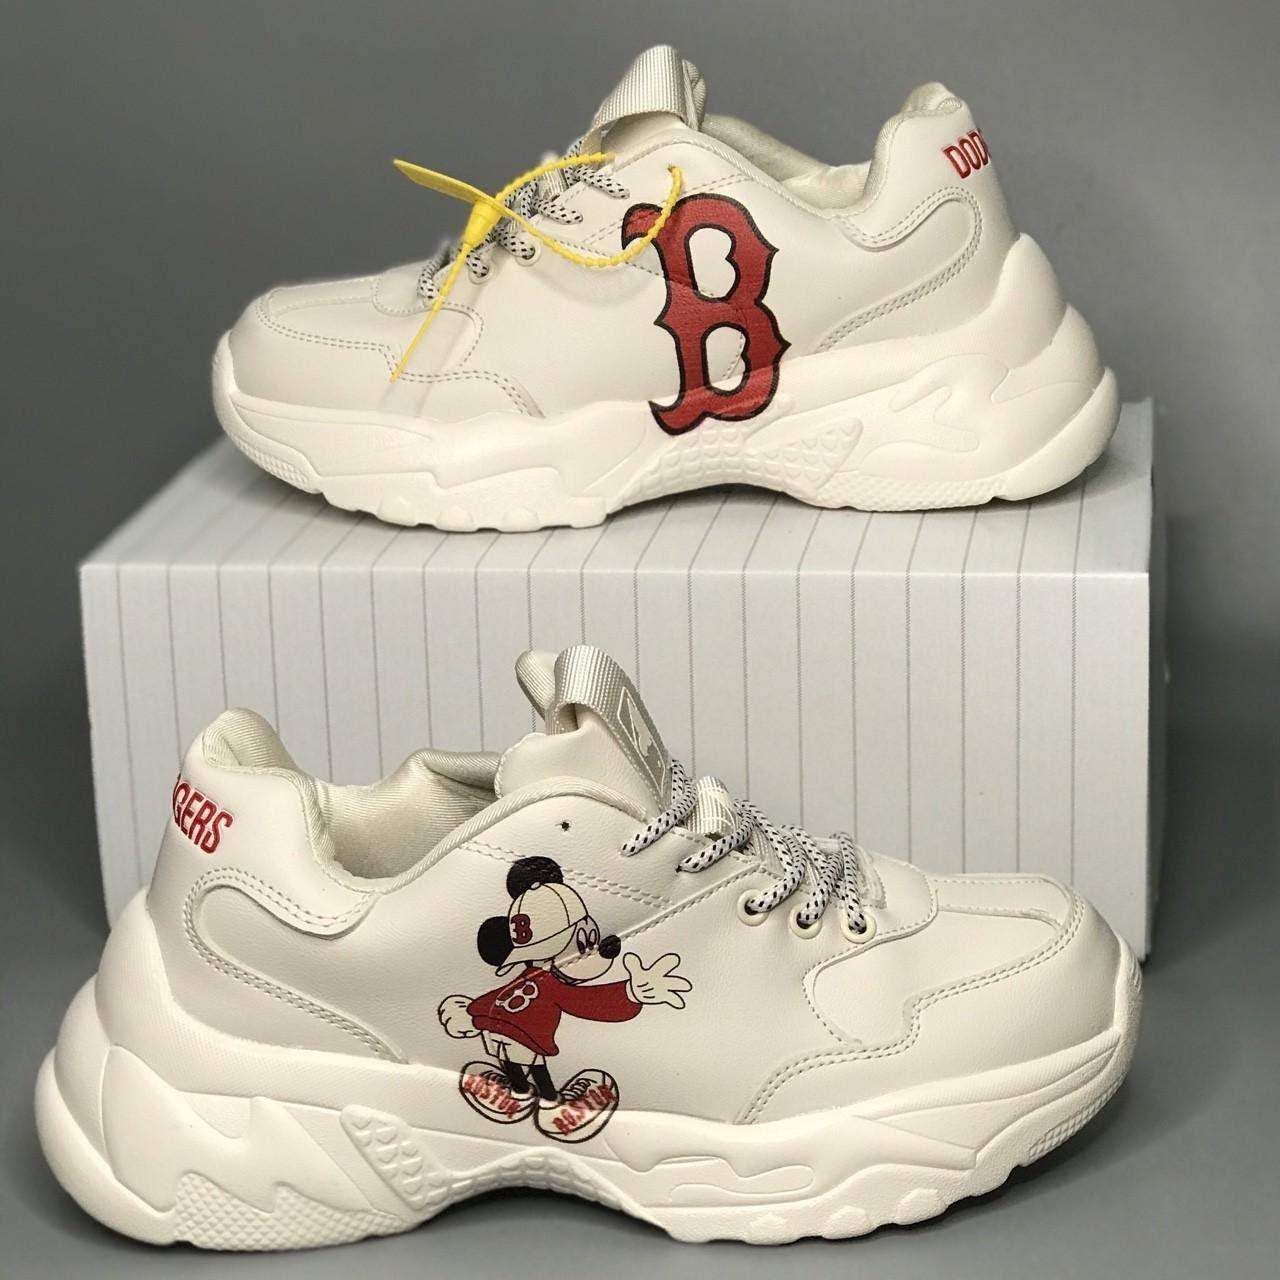 Giày MLB mickey ngộ nghĩnh